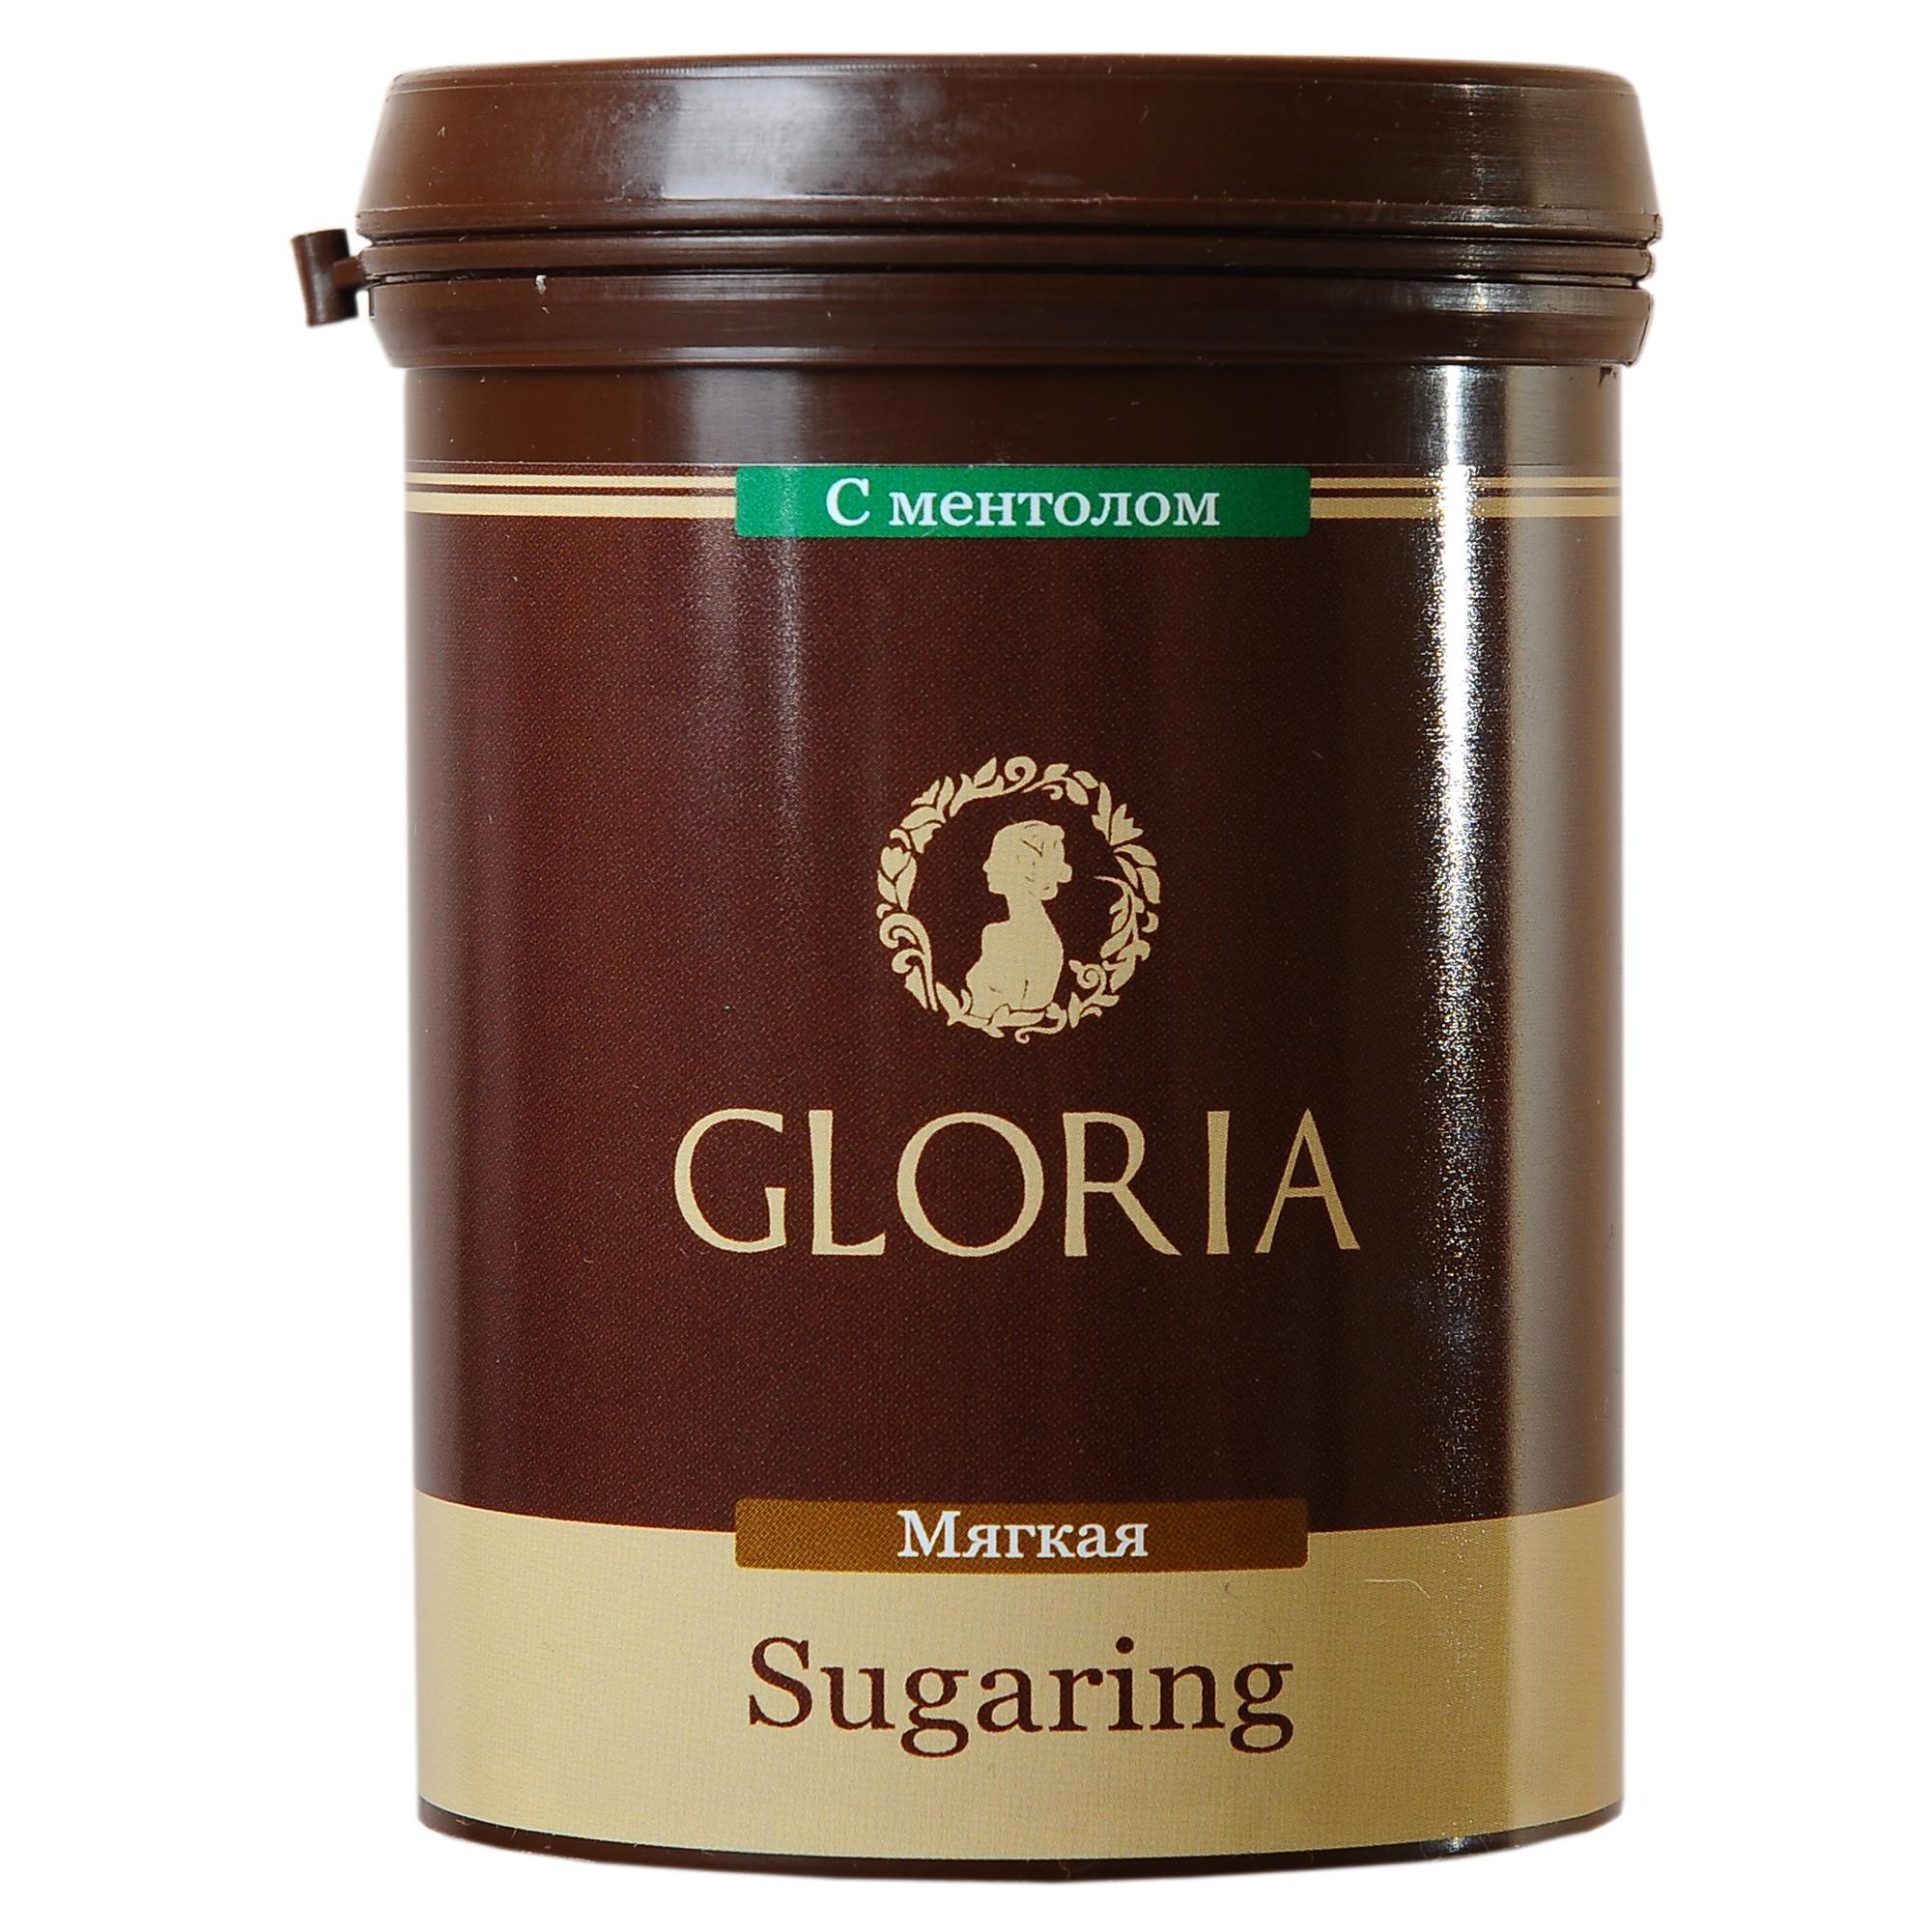 GLORIA Паста для шугаринга Gloria мягкая с ментолом 0,33 кгСахарные пасты<br>Мы заботимся не только о комфорте работы для мастеров, но и качестве процедуры шугаринга для клиентов. Поэтому мы разработали линейку пасты для сахарной эпиляции, в которую добавили ментол. Ментол позволит не только уменьшить болезненность неприятных ощущений во время процедуры шугаринга, но подарит коже клиента приятную прохладу. Мягкая паста предназначена для обработки рук, ног и других участков с невысокой температурой тела. Идеальна для мягких и пушковых волос. Активные ингредиенты: вода, глюкоза, фруктоза, лимонный сок. Способ применения:&amp;nbsp;на предварительно очищенную и обезжиренную кожу нанести небольшое количество пасты в направлении, противоположном направлению роста волос. Резким движением оторвать пасту вместе с нежелательными волосками, второй рукой натягивая кожу в противоположную сторону. По окончании процедуры остатки пасты удалить влажной салфеткой. Количество процедур:&amp;nbsp;10 -12<br><br>Объем: 0,33 кг<br>Вид средства для тела: Сахарный<br>Консистенция: Мягкая